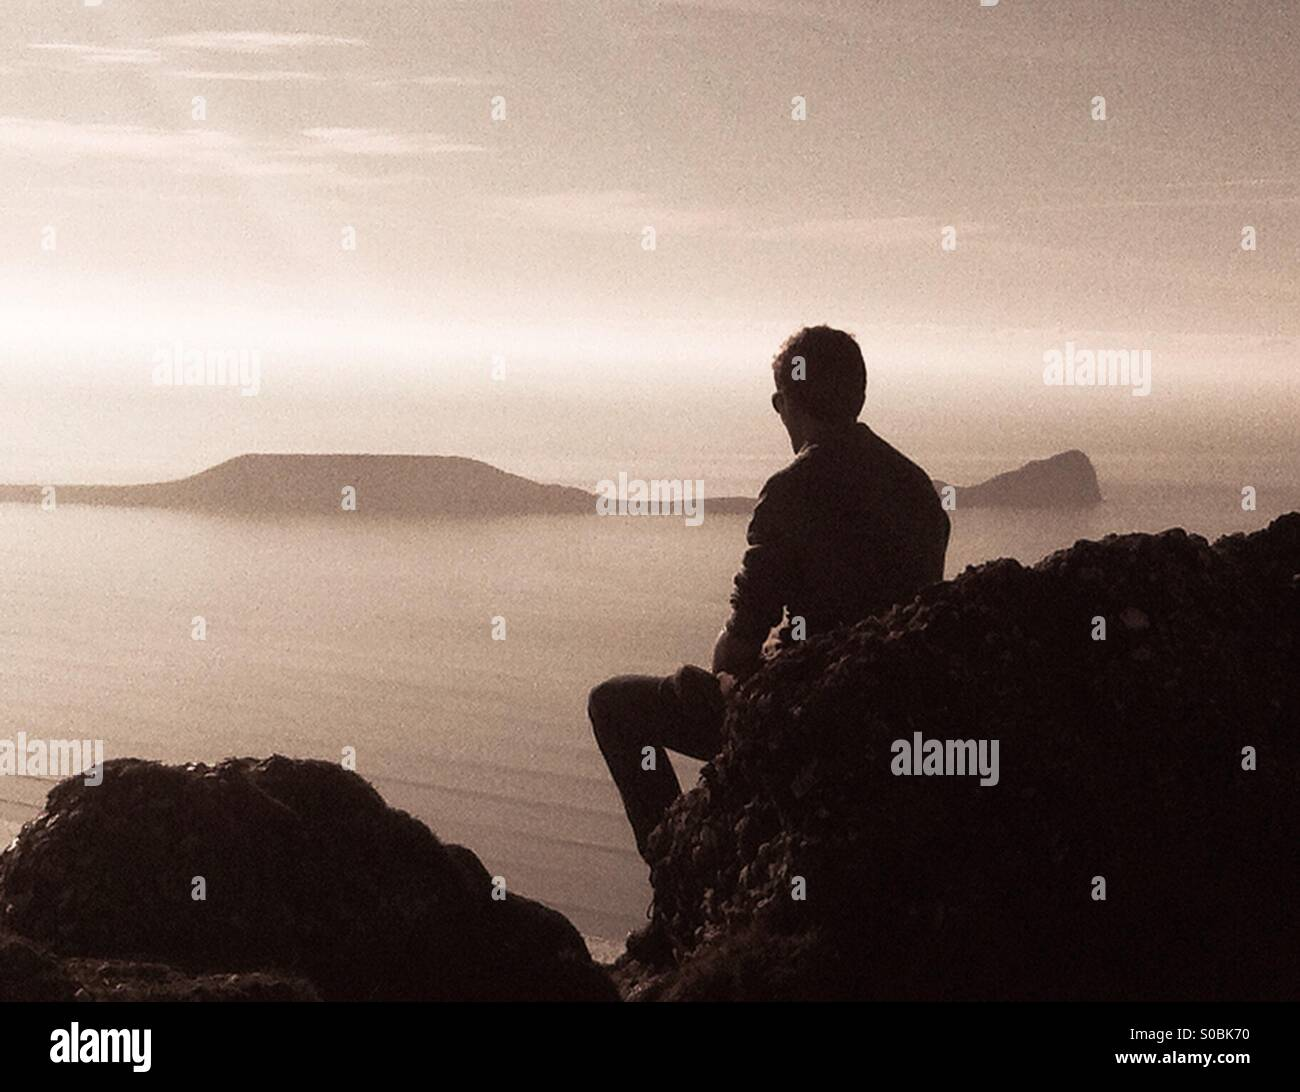 Ragazzo seduto su una roccia che si affaccia sul mare nei pressi di Worms testa, Gower. Vista laterale silhouette. Immagini Stock